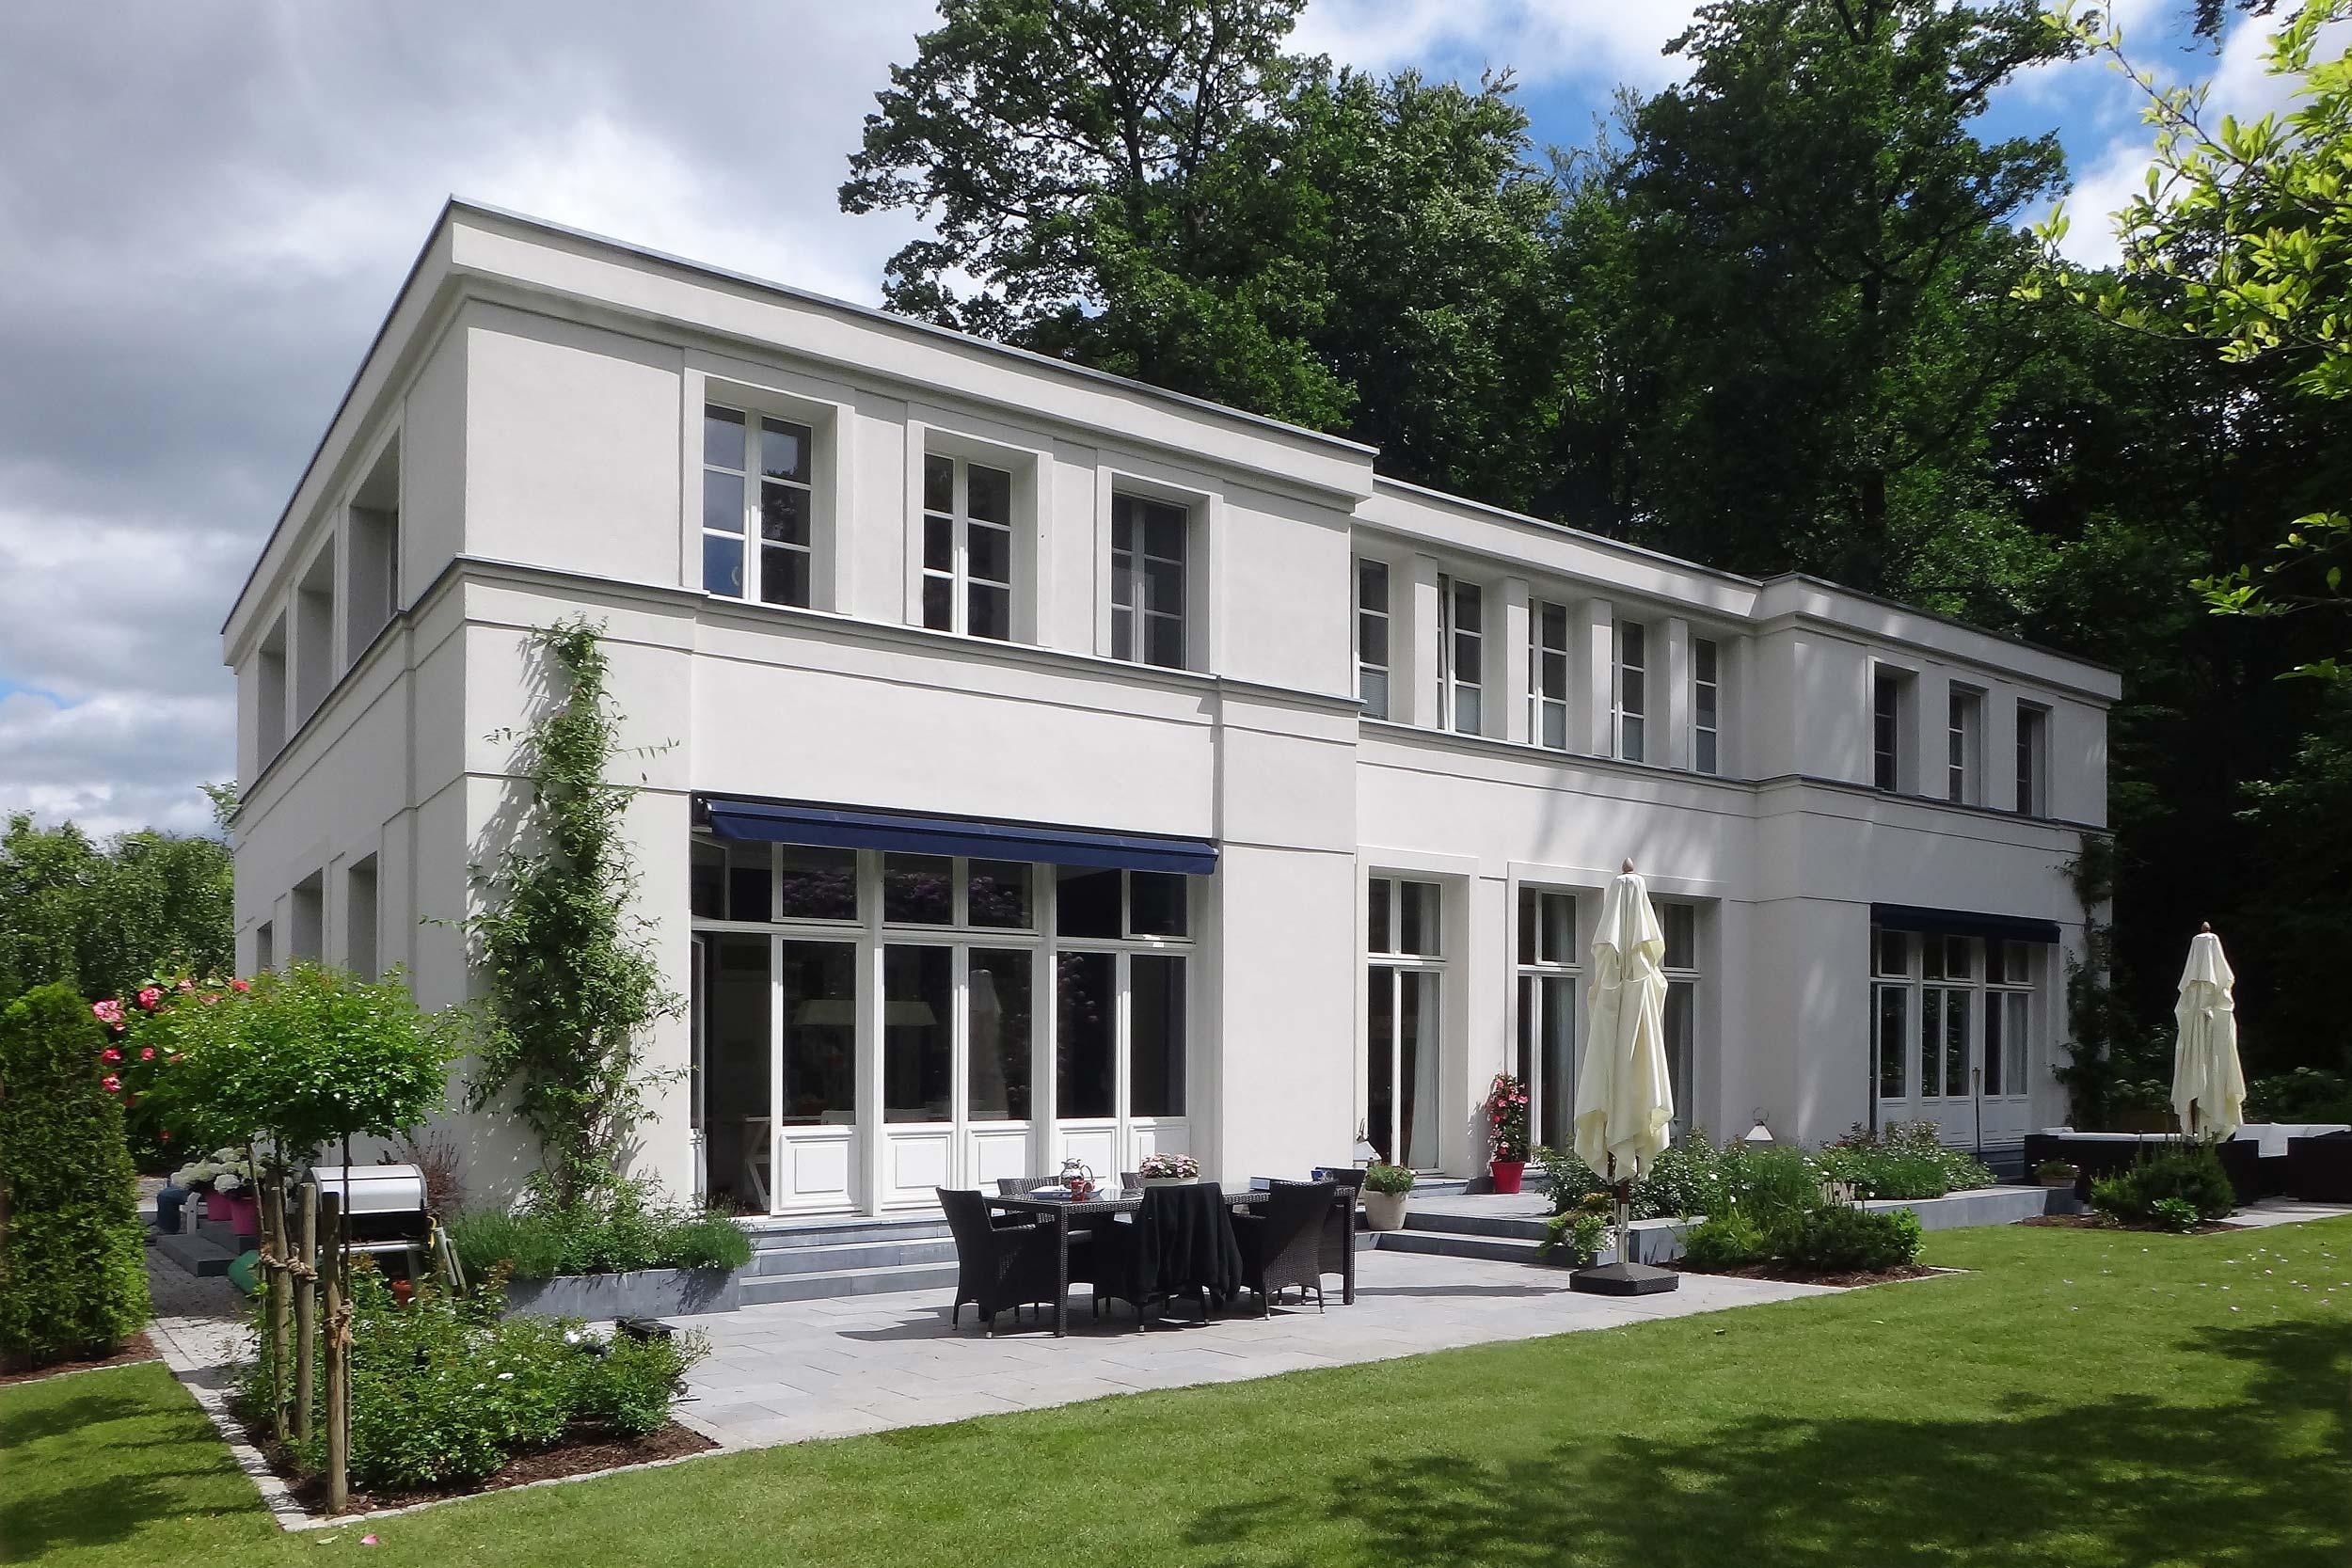 mut zur symmetrie neubau klassizistische villa cg vogel architekten berlin. Black Bedroom Furniture Sets. Home Design Ideas